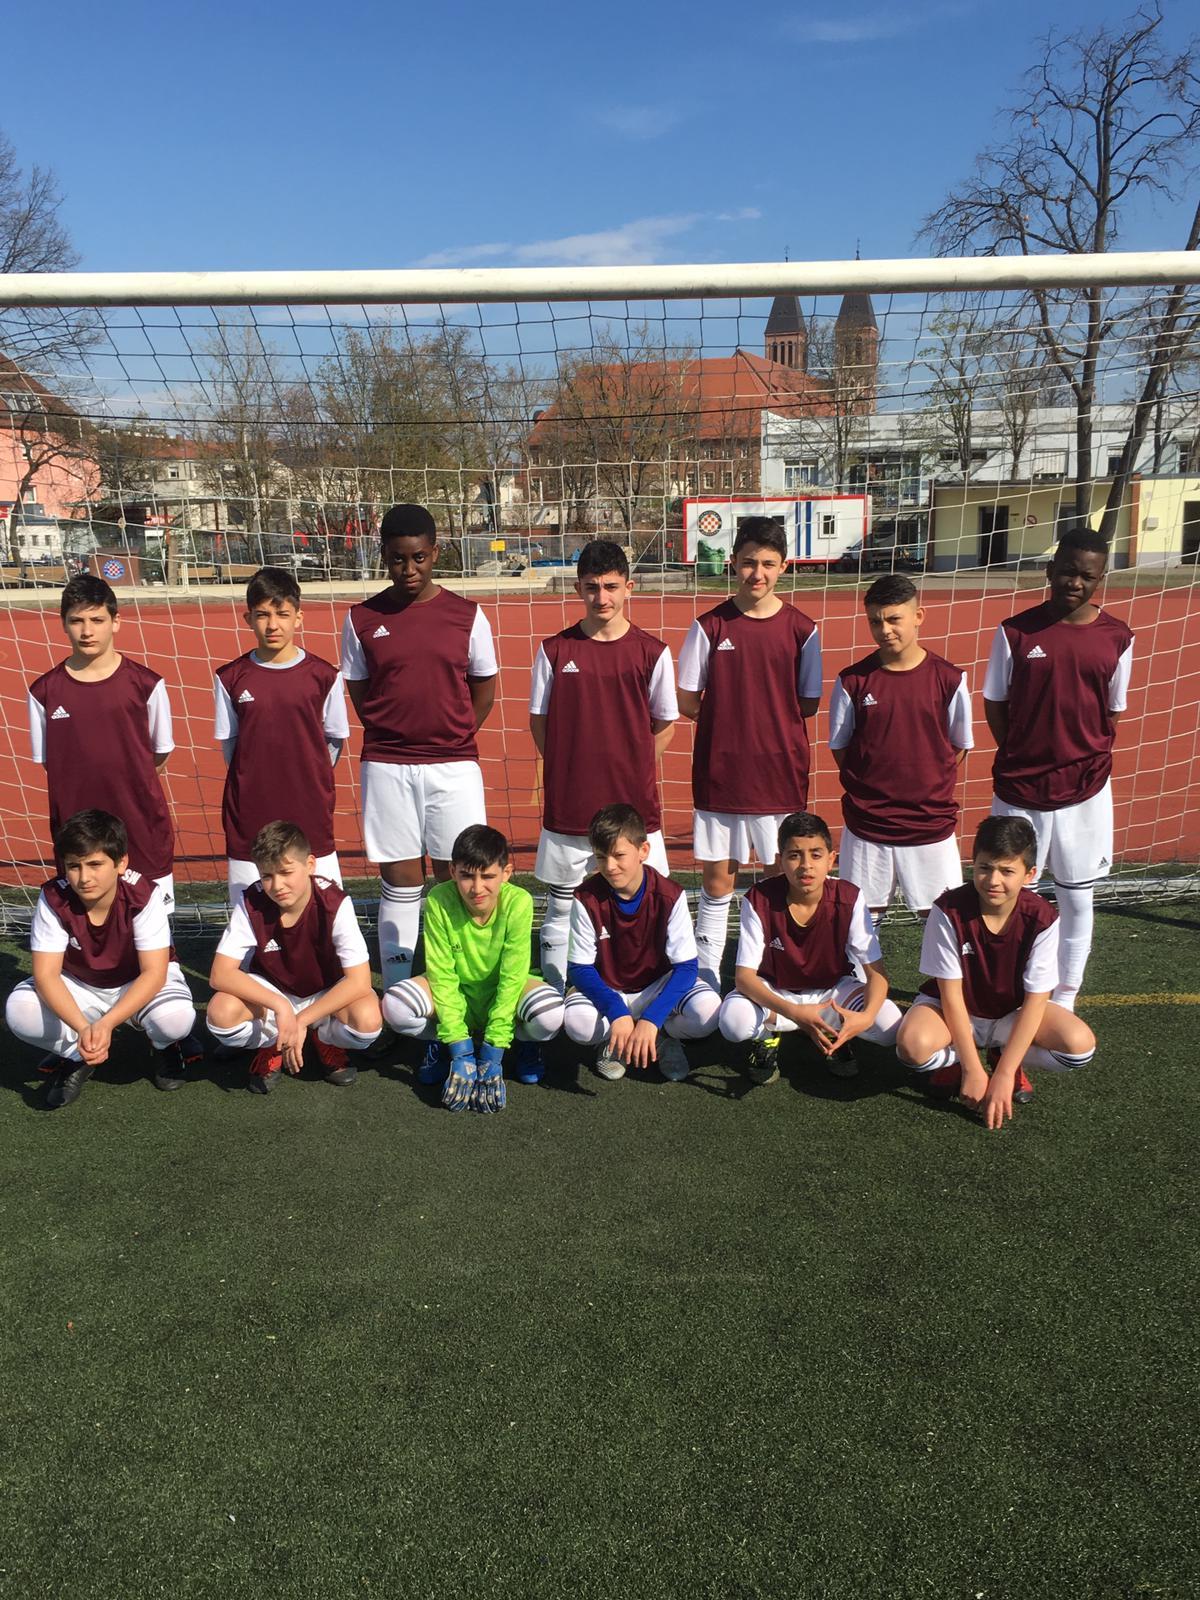 Fussballmannschaft_2